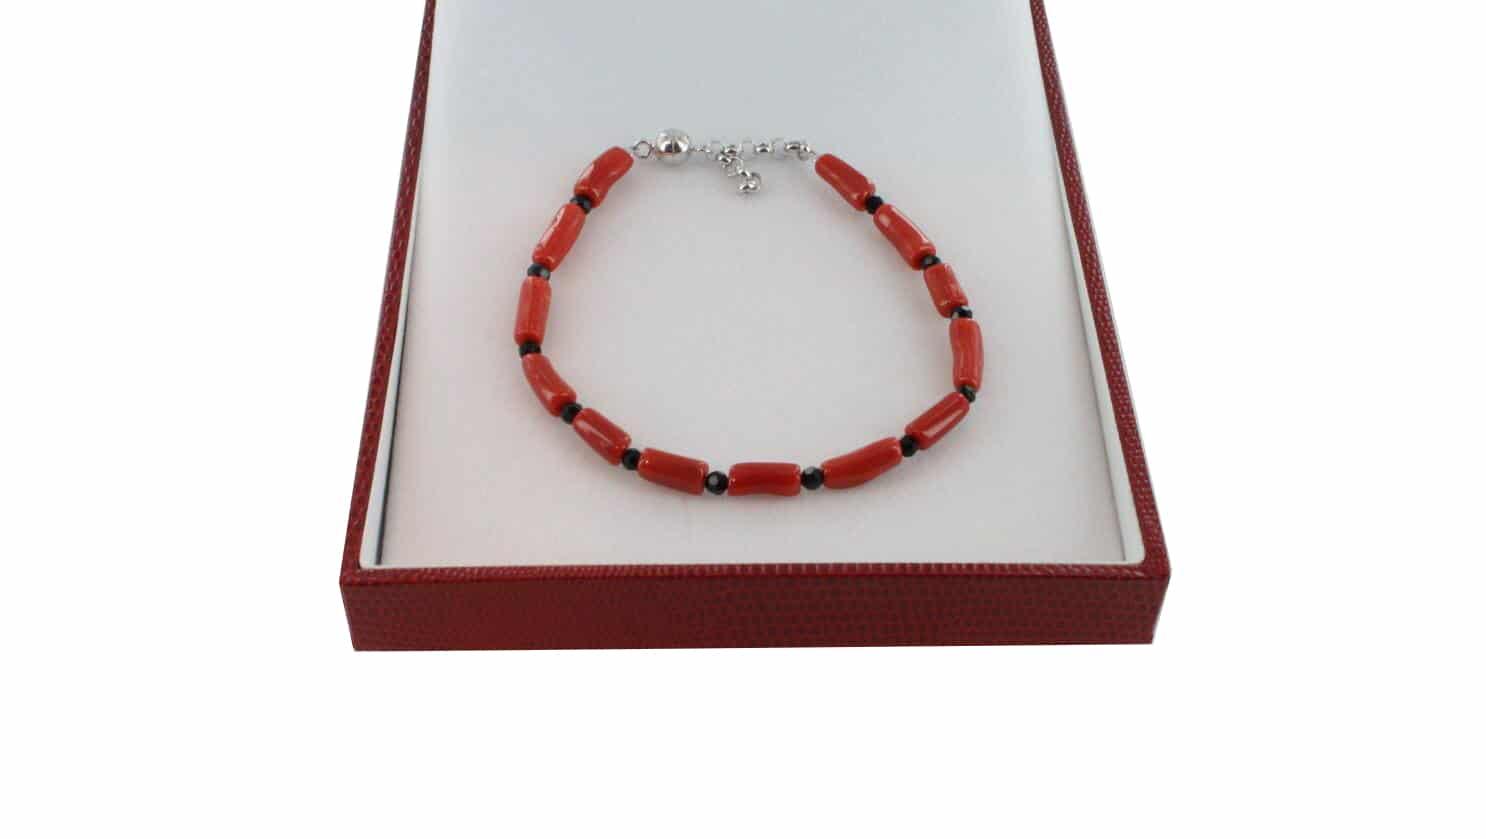 Bracelet homme en Corail véritable de méditerranée et argent 725 BR-CO-AR-H-1508